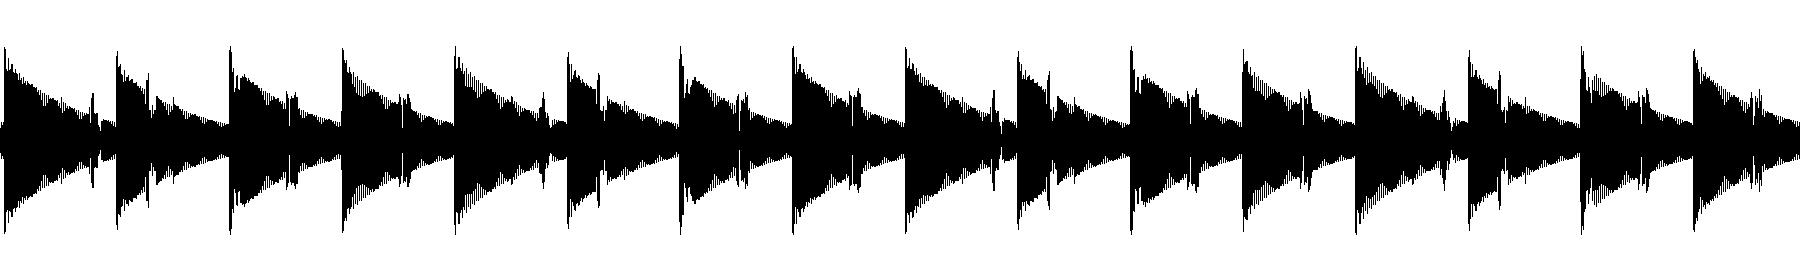 drum 04 123